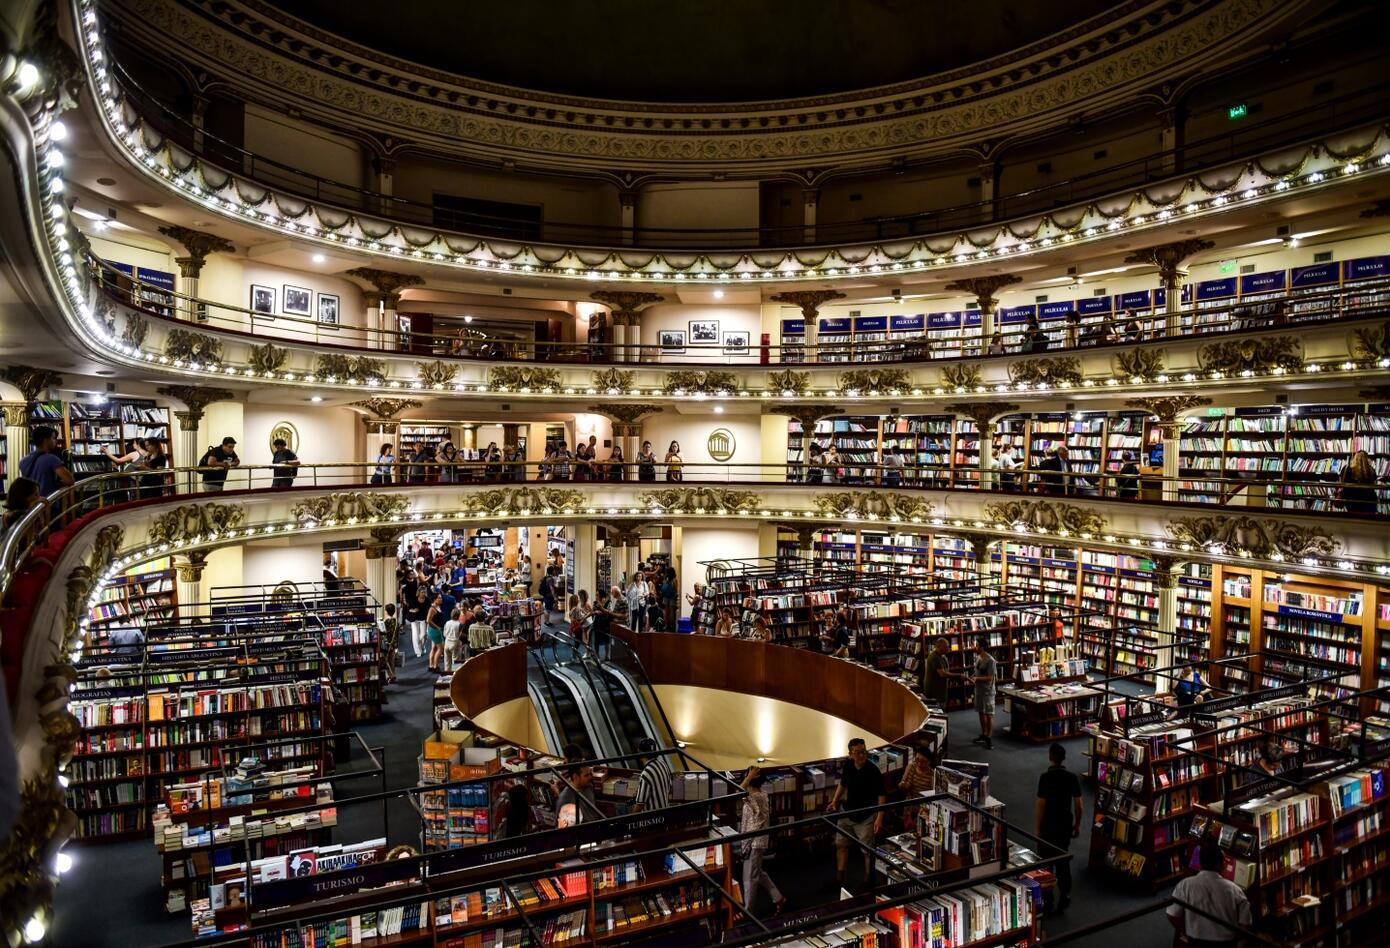 La librería contiene un mostrador en donde reposan 200.000 ejemplares